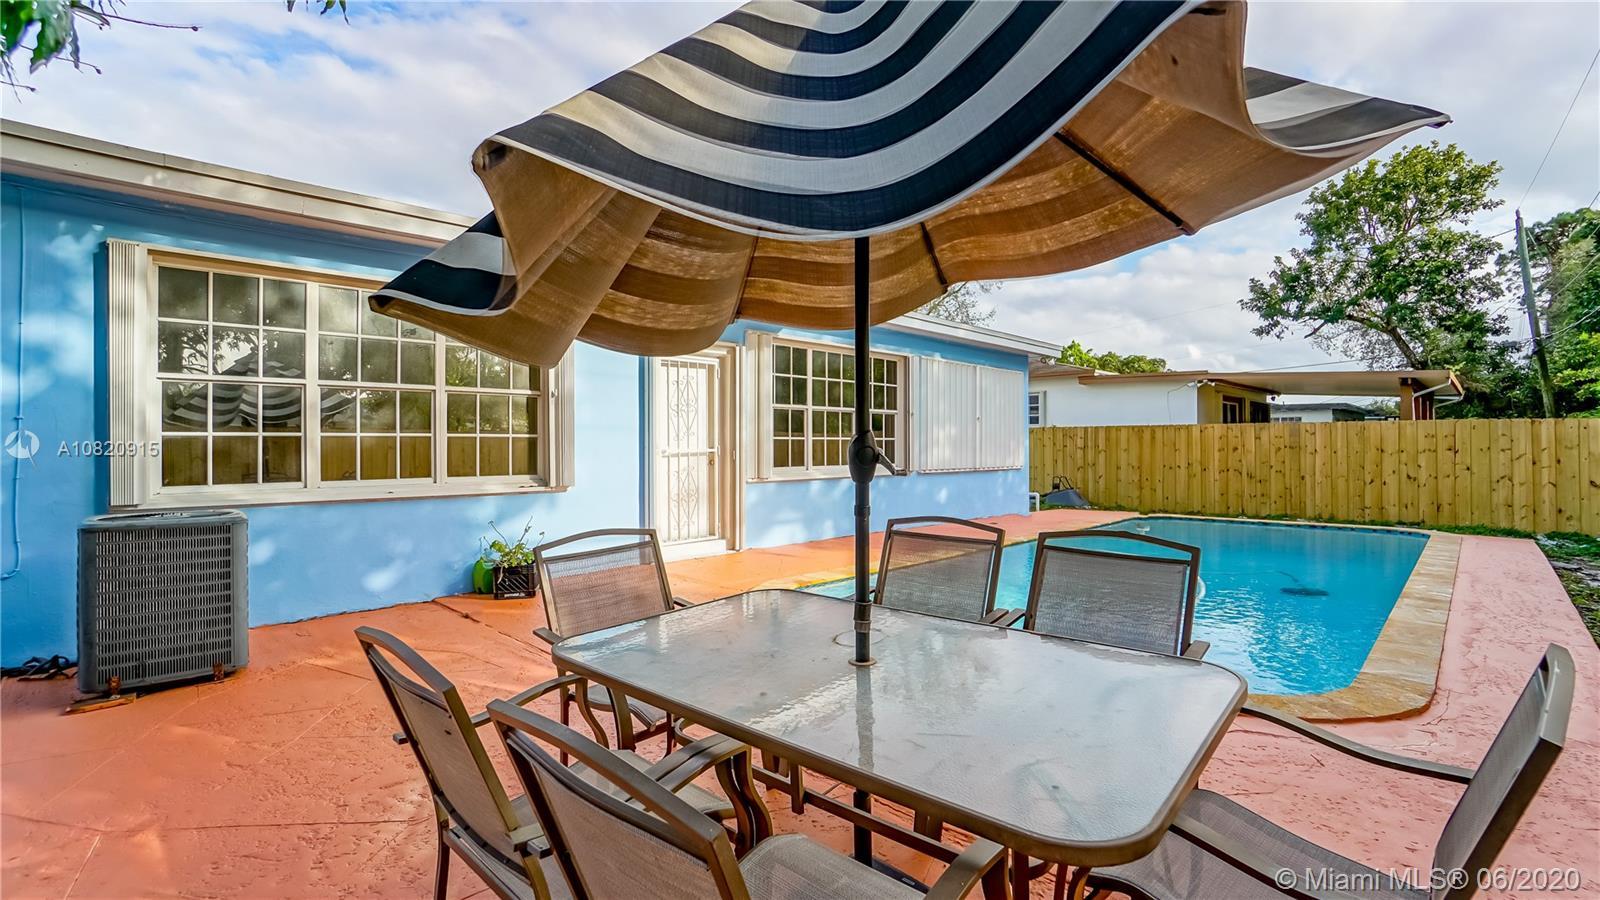 14620 NW 13th Ave, Miami Shores, Florida